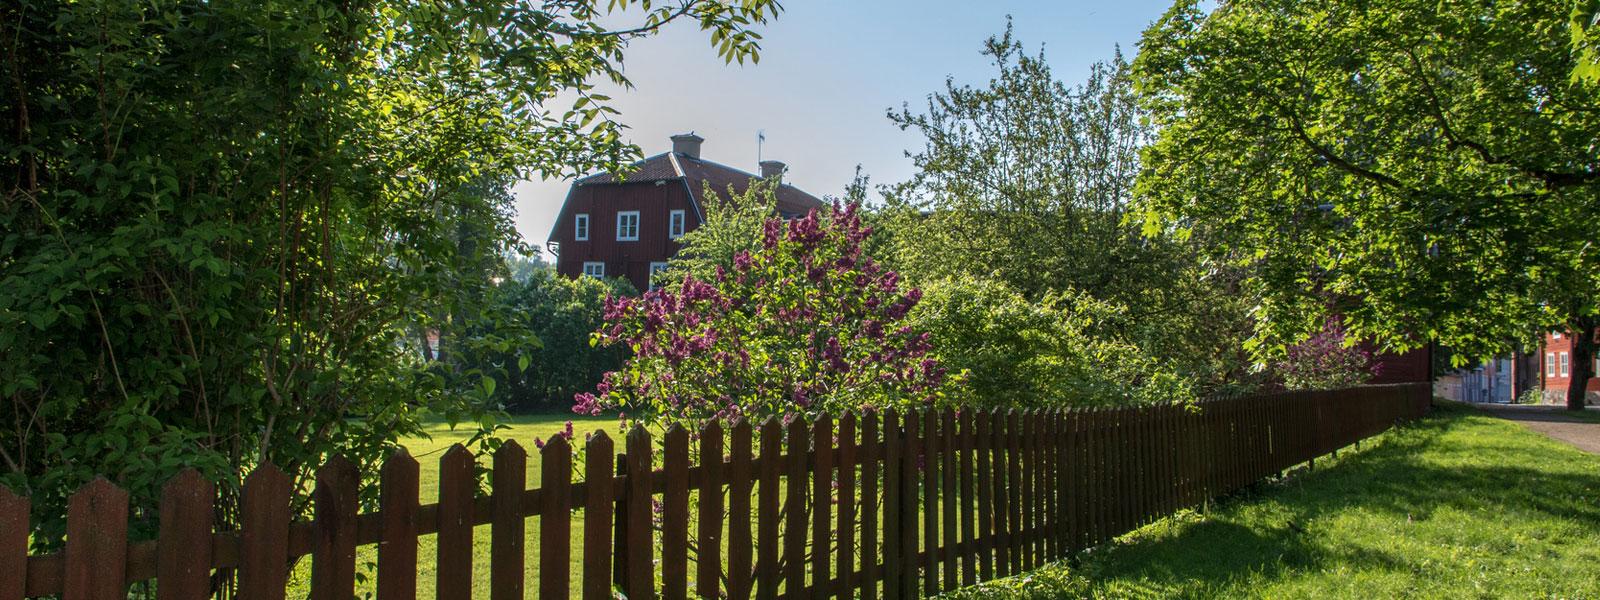 Immobilien Mitterer - Grundstücksverkauf